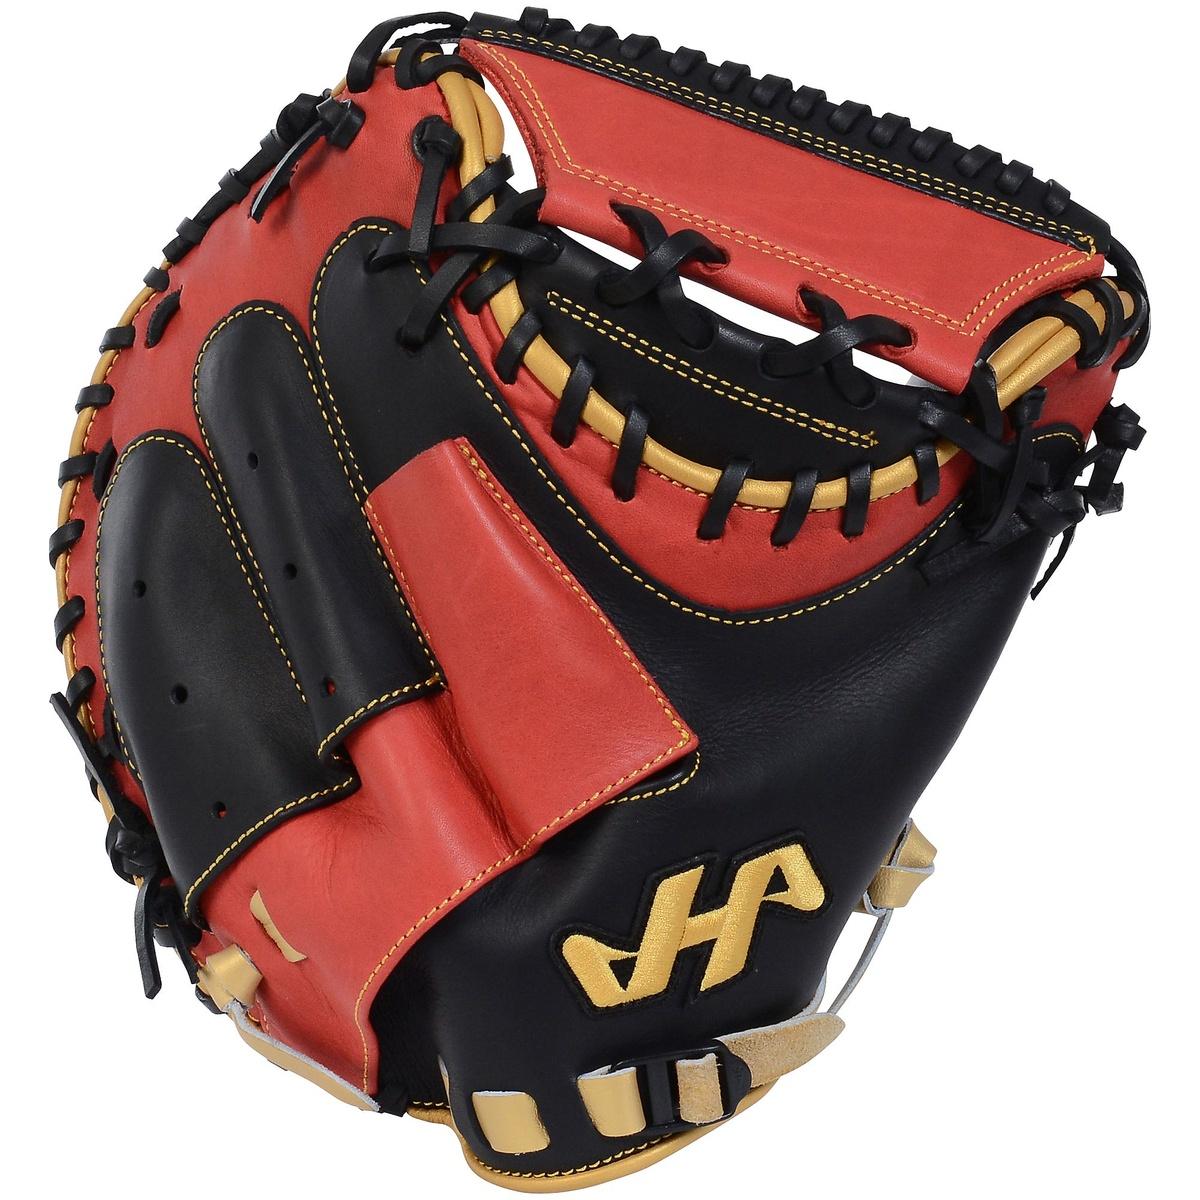 【送料無料】 HATAKEYAMA (ハタケヤマ) 野球 軟式キャッチャーミット右 左 限定軟式キャッチャーミットM2 メンズ 黒X赤X金 PRO-M2 B